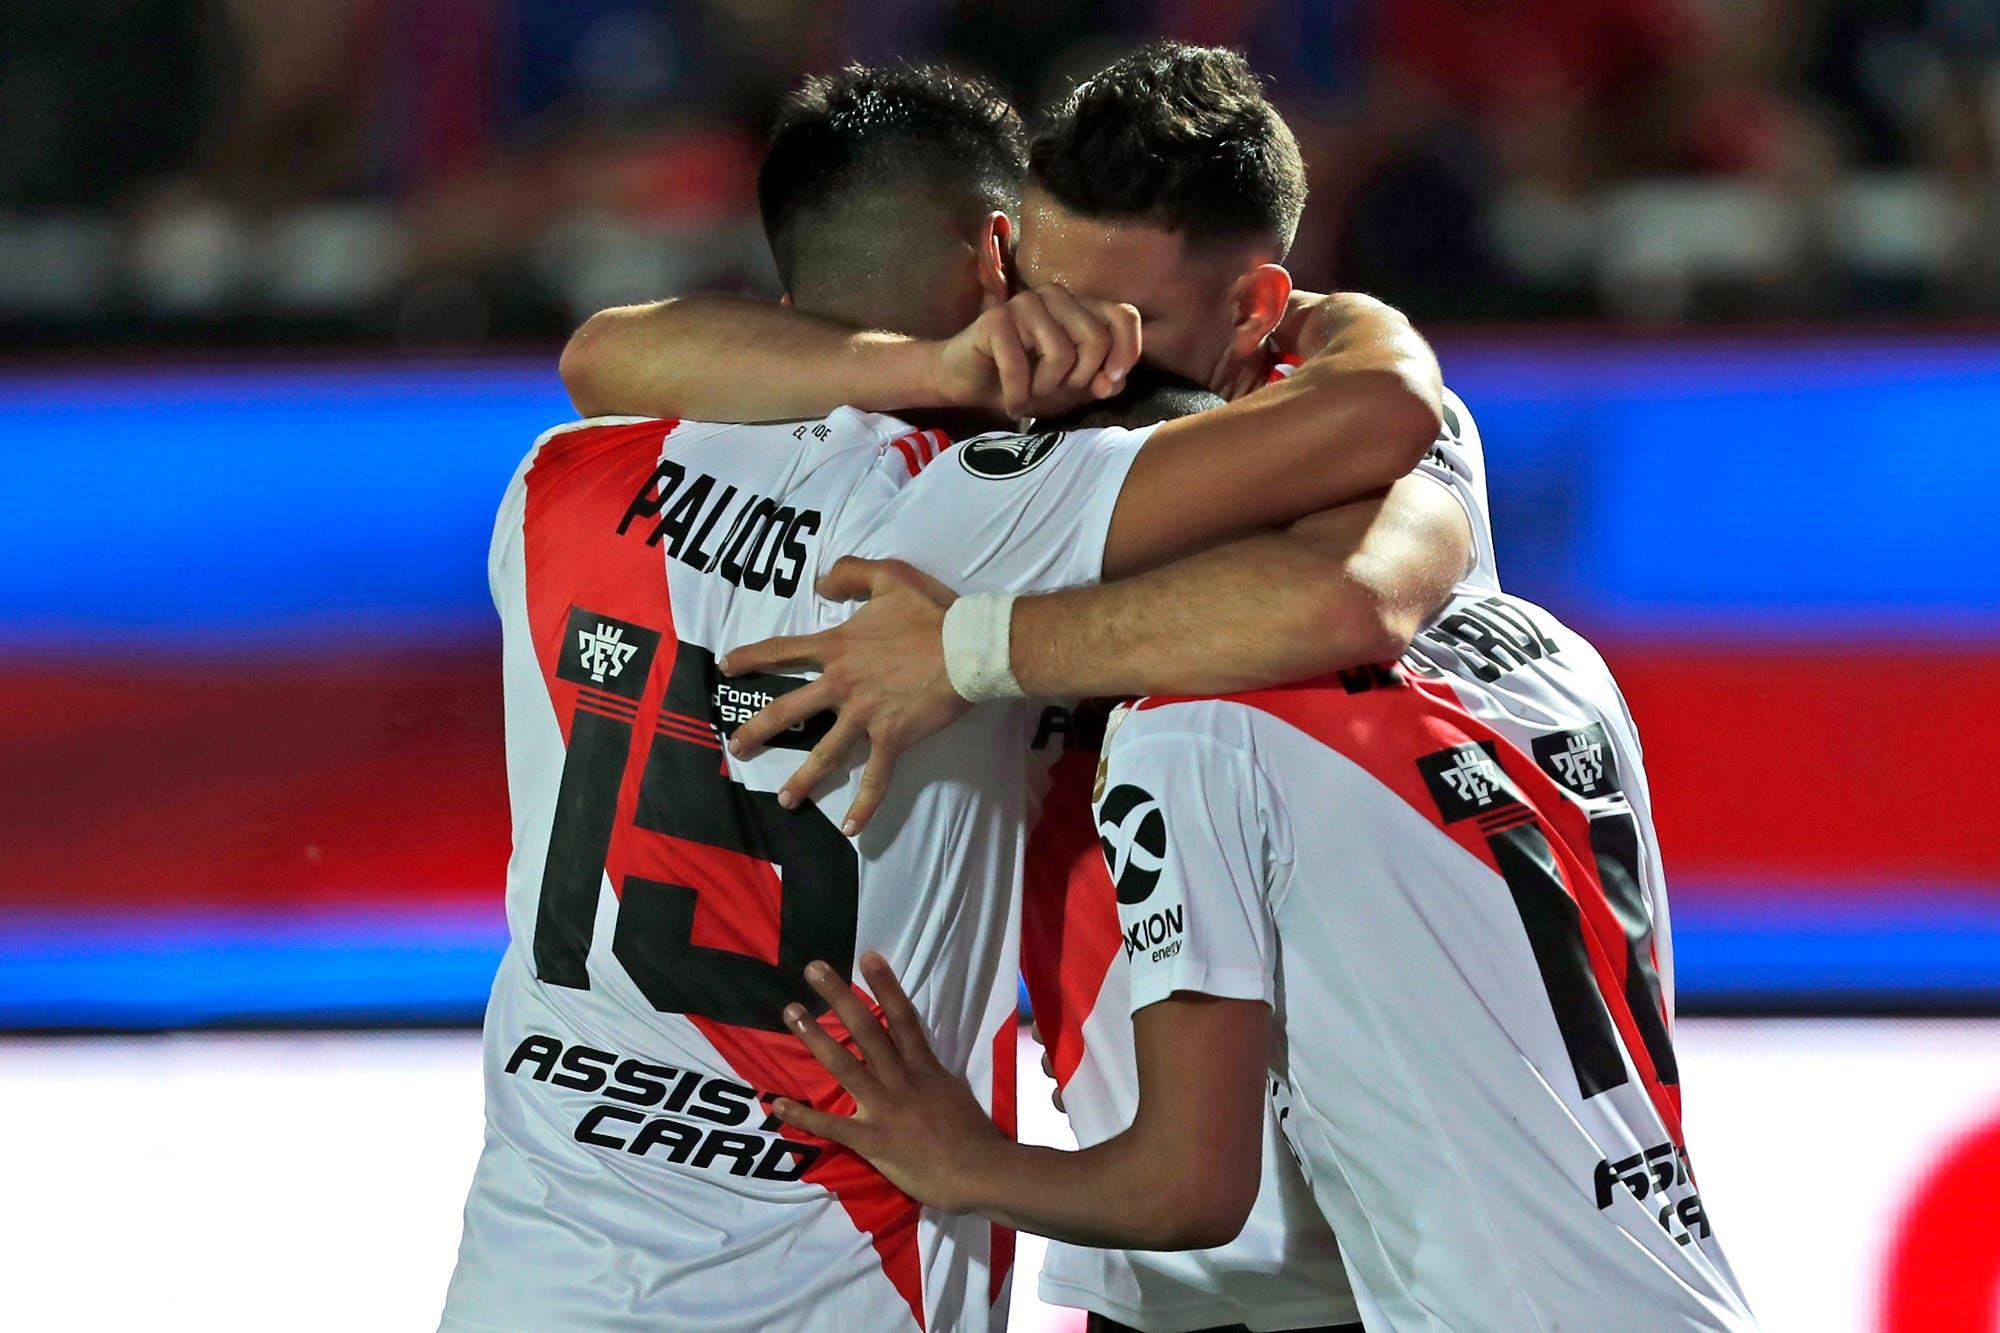 Cerro Porteño-River, por la Copa Libertadores: el millonario lo igualó y se clasifica para jugar con Boca